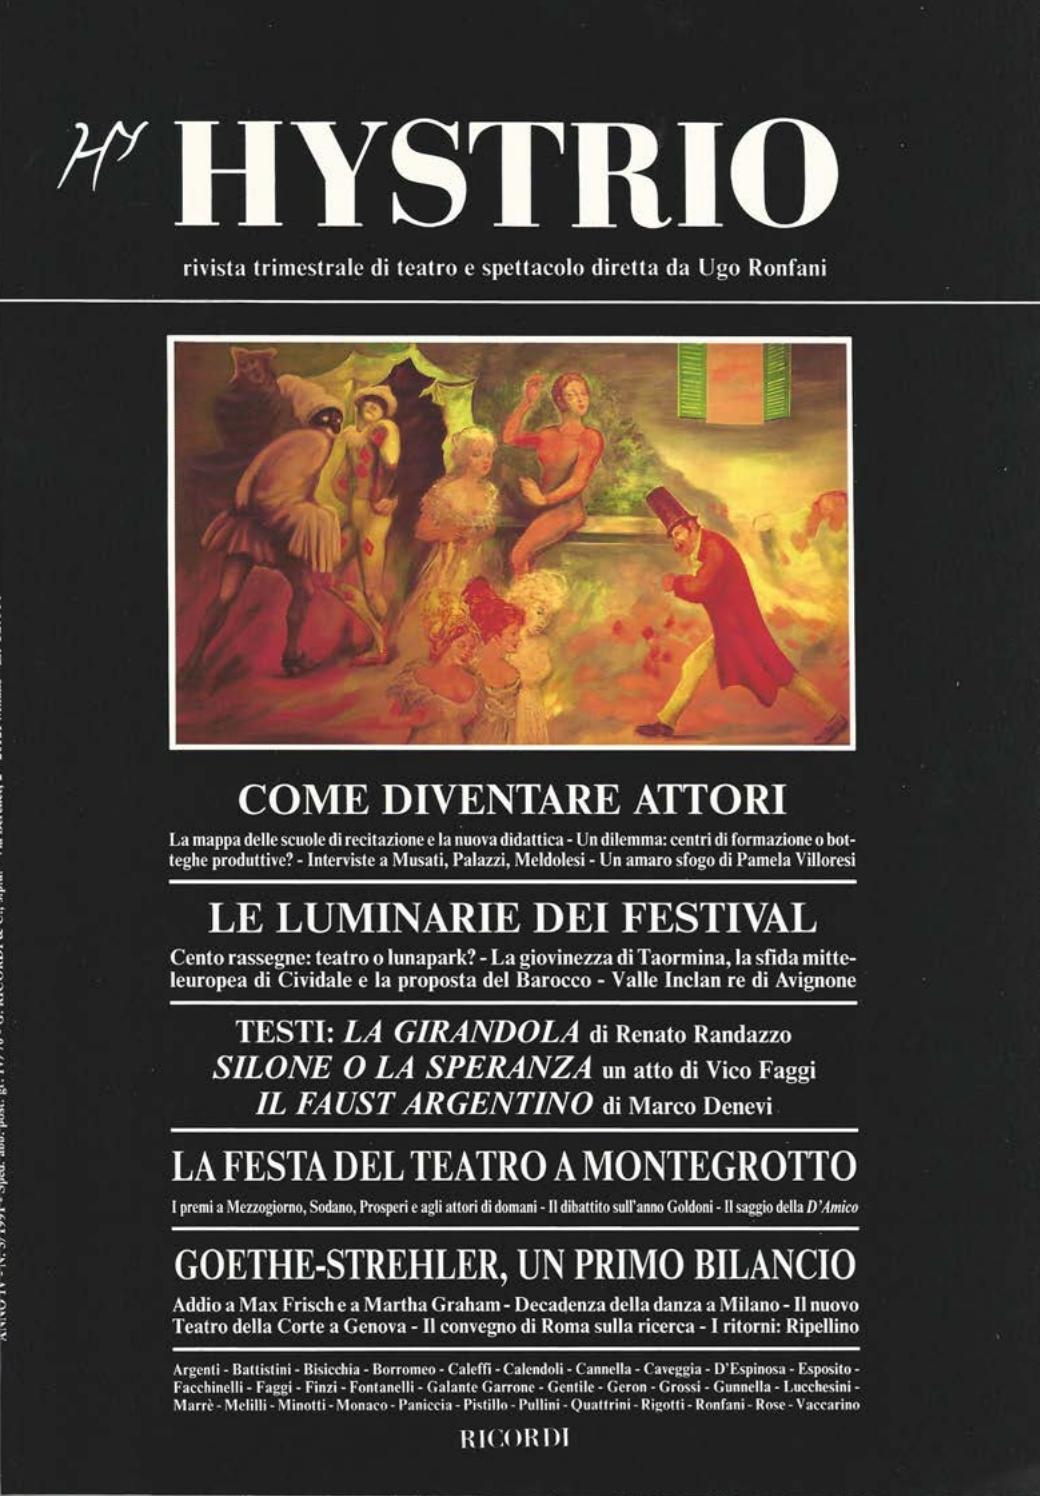 Hystrio 1991 3 luglio-settembre by Hystrio - issuu c3571be4bec